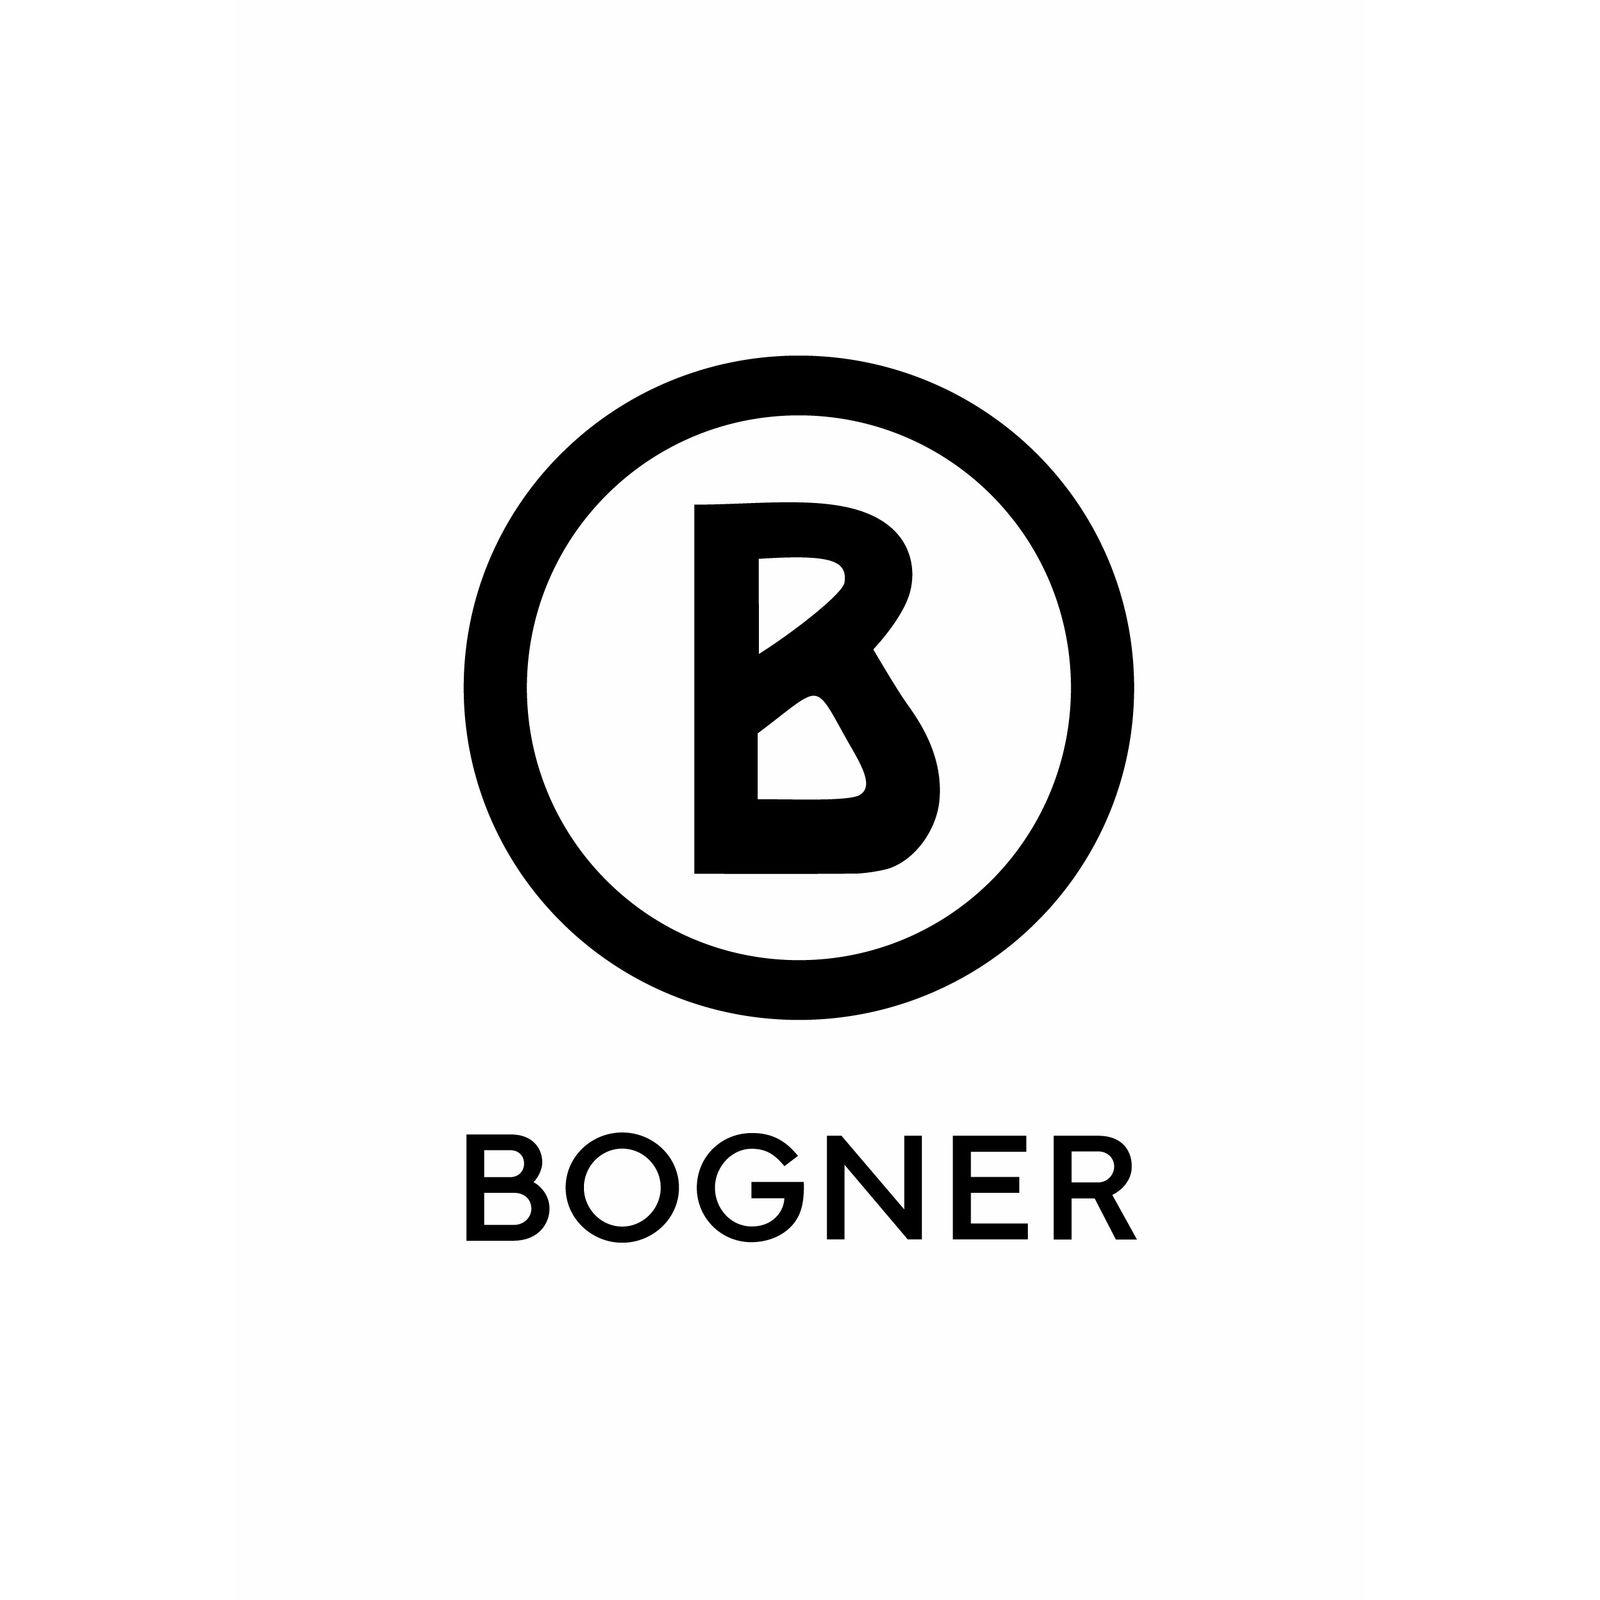 Bogner Man in Hannover (Bild 1)